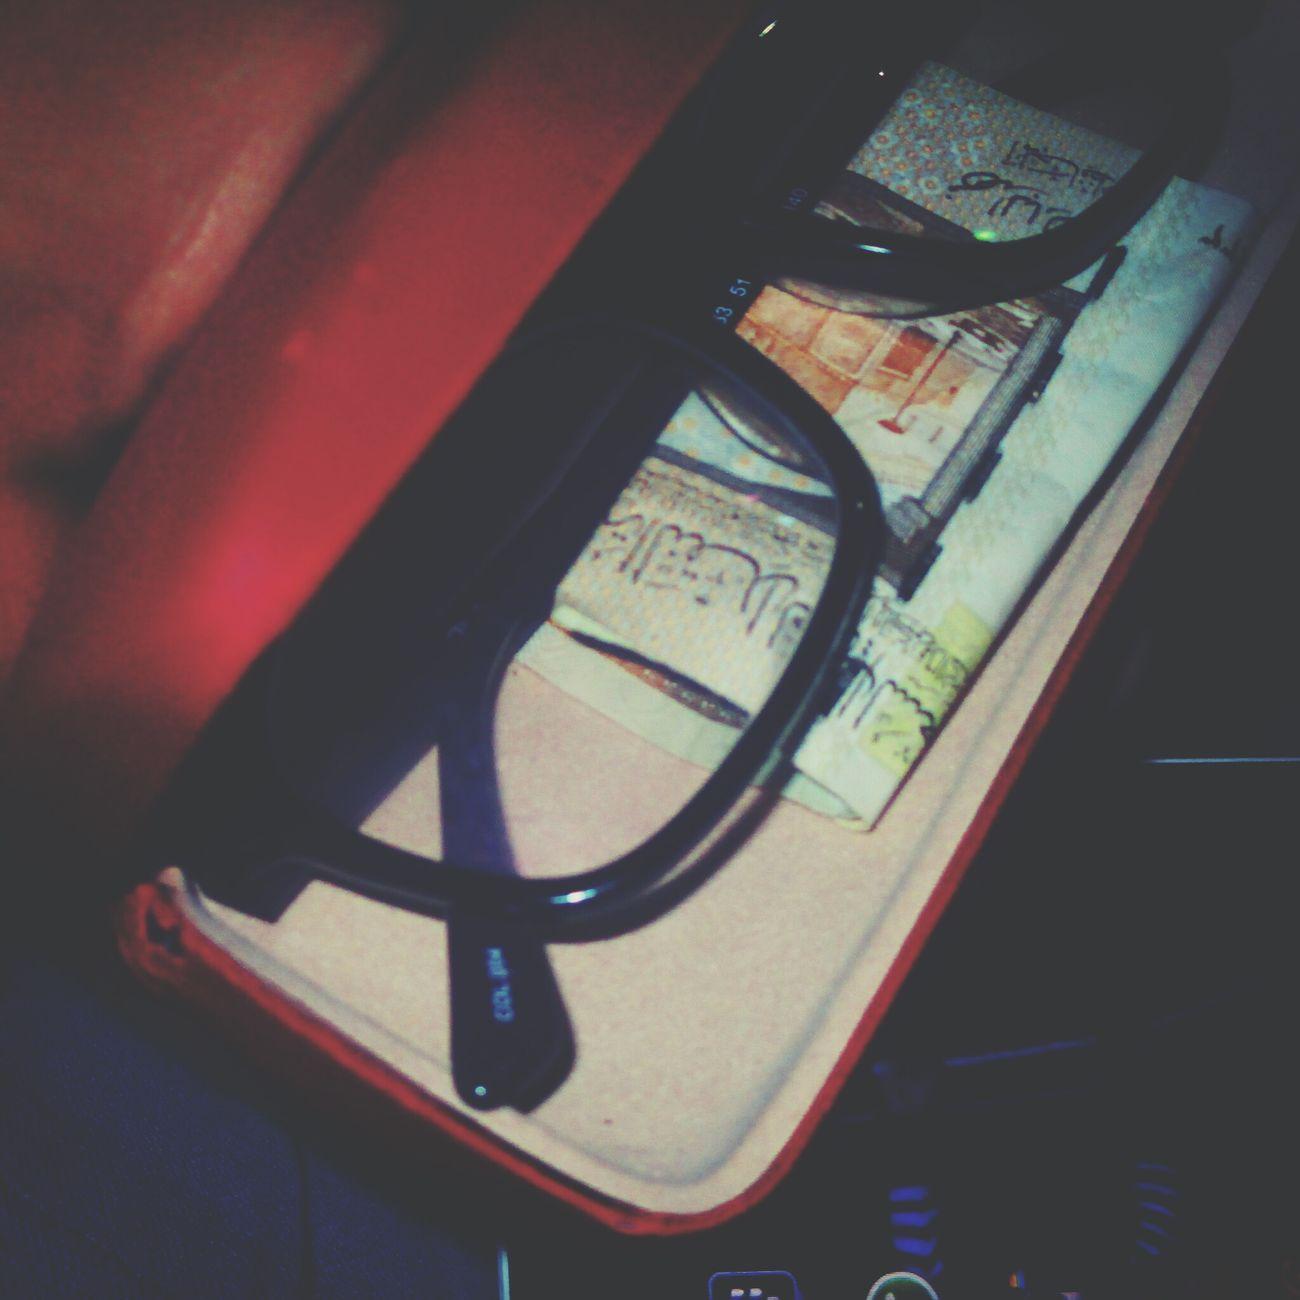 تصويري الزبده العشره هاذي مدري من وين جت شريت نظرات ولقيتها عادد حضي ?